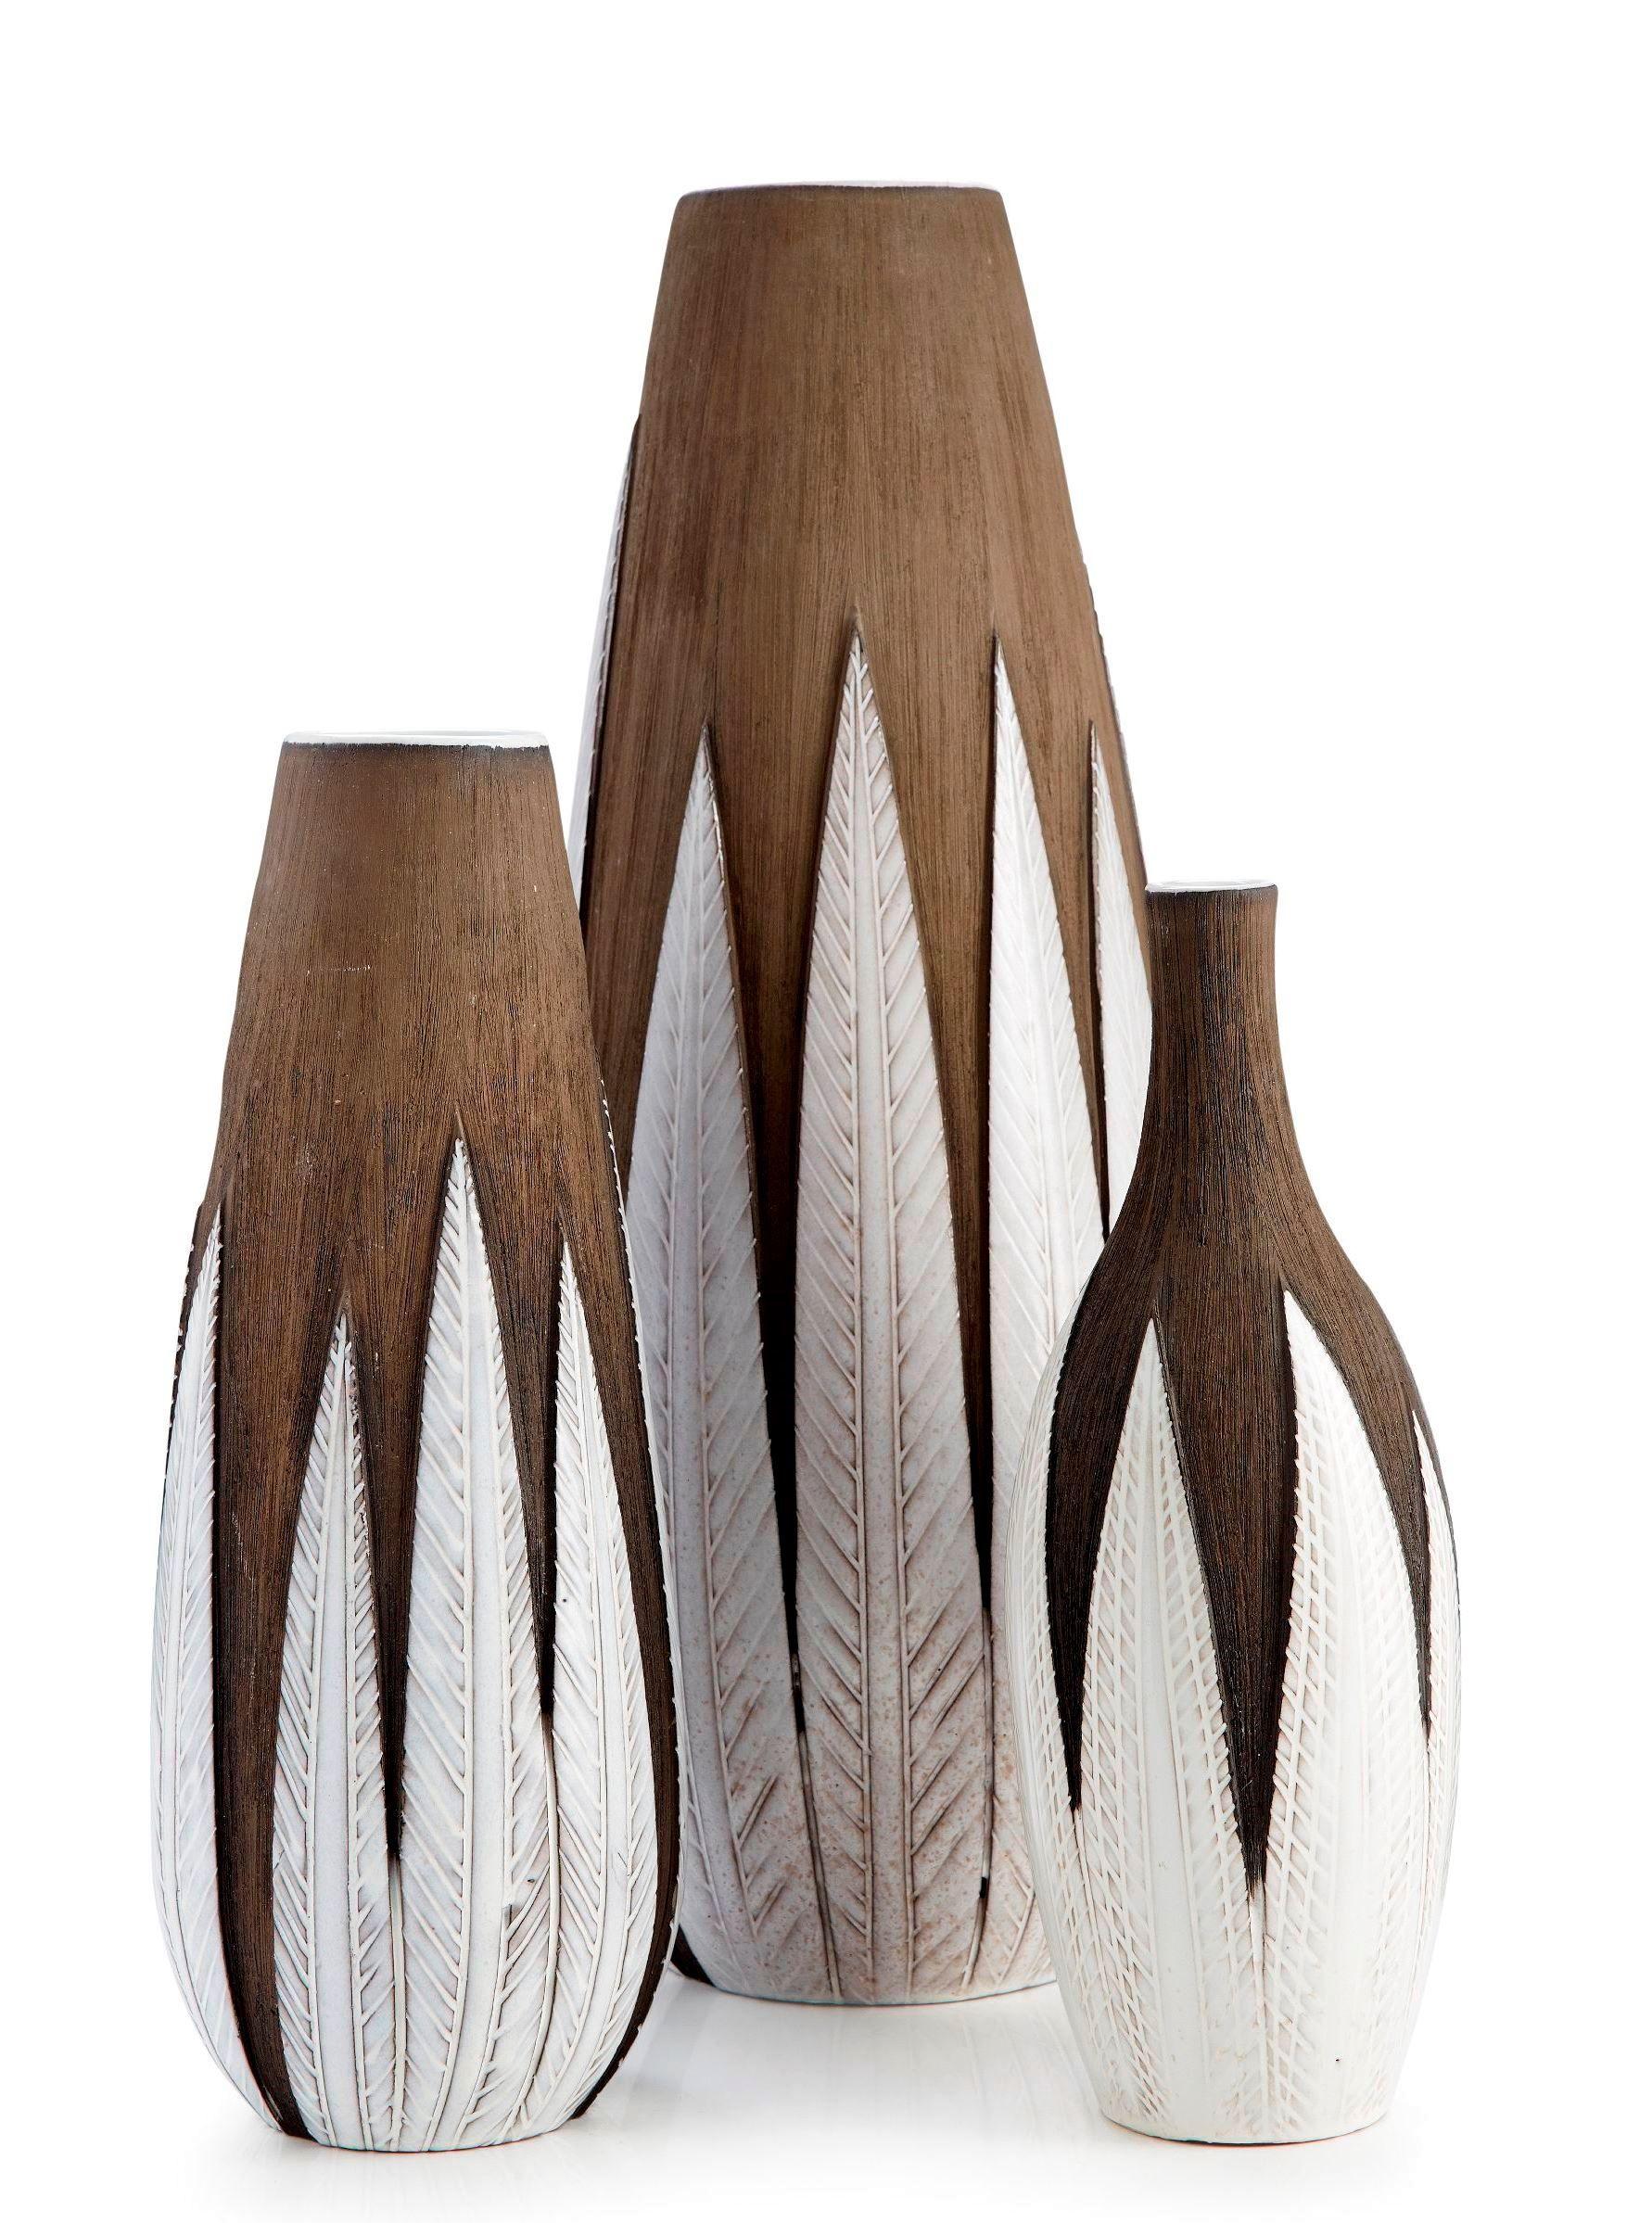 ANNA-LISA THOMSON, 'Paprika' vases,  Uppsala-Ekeby, 1948